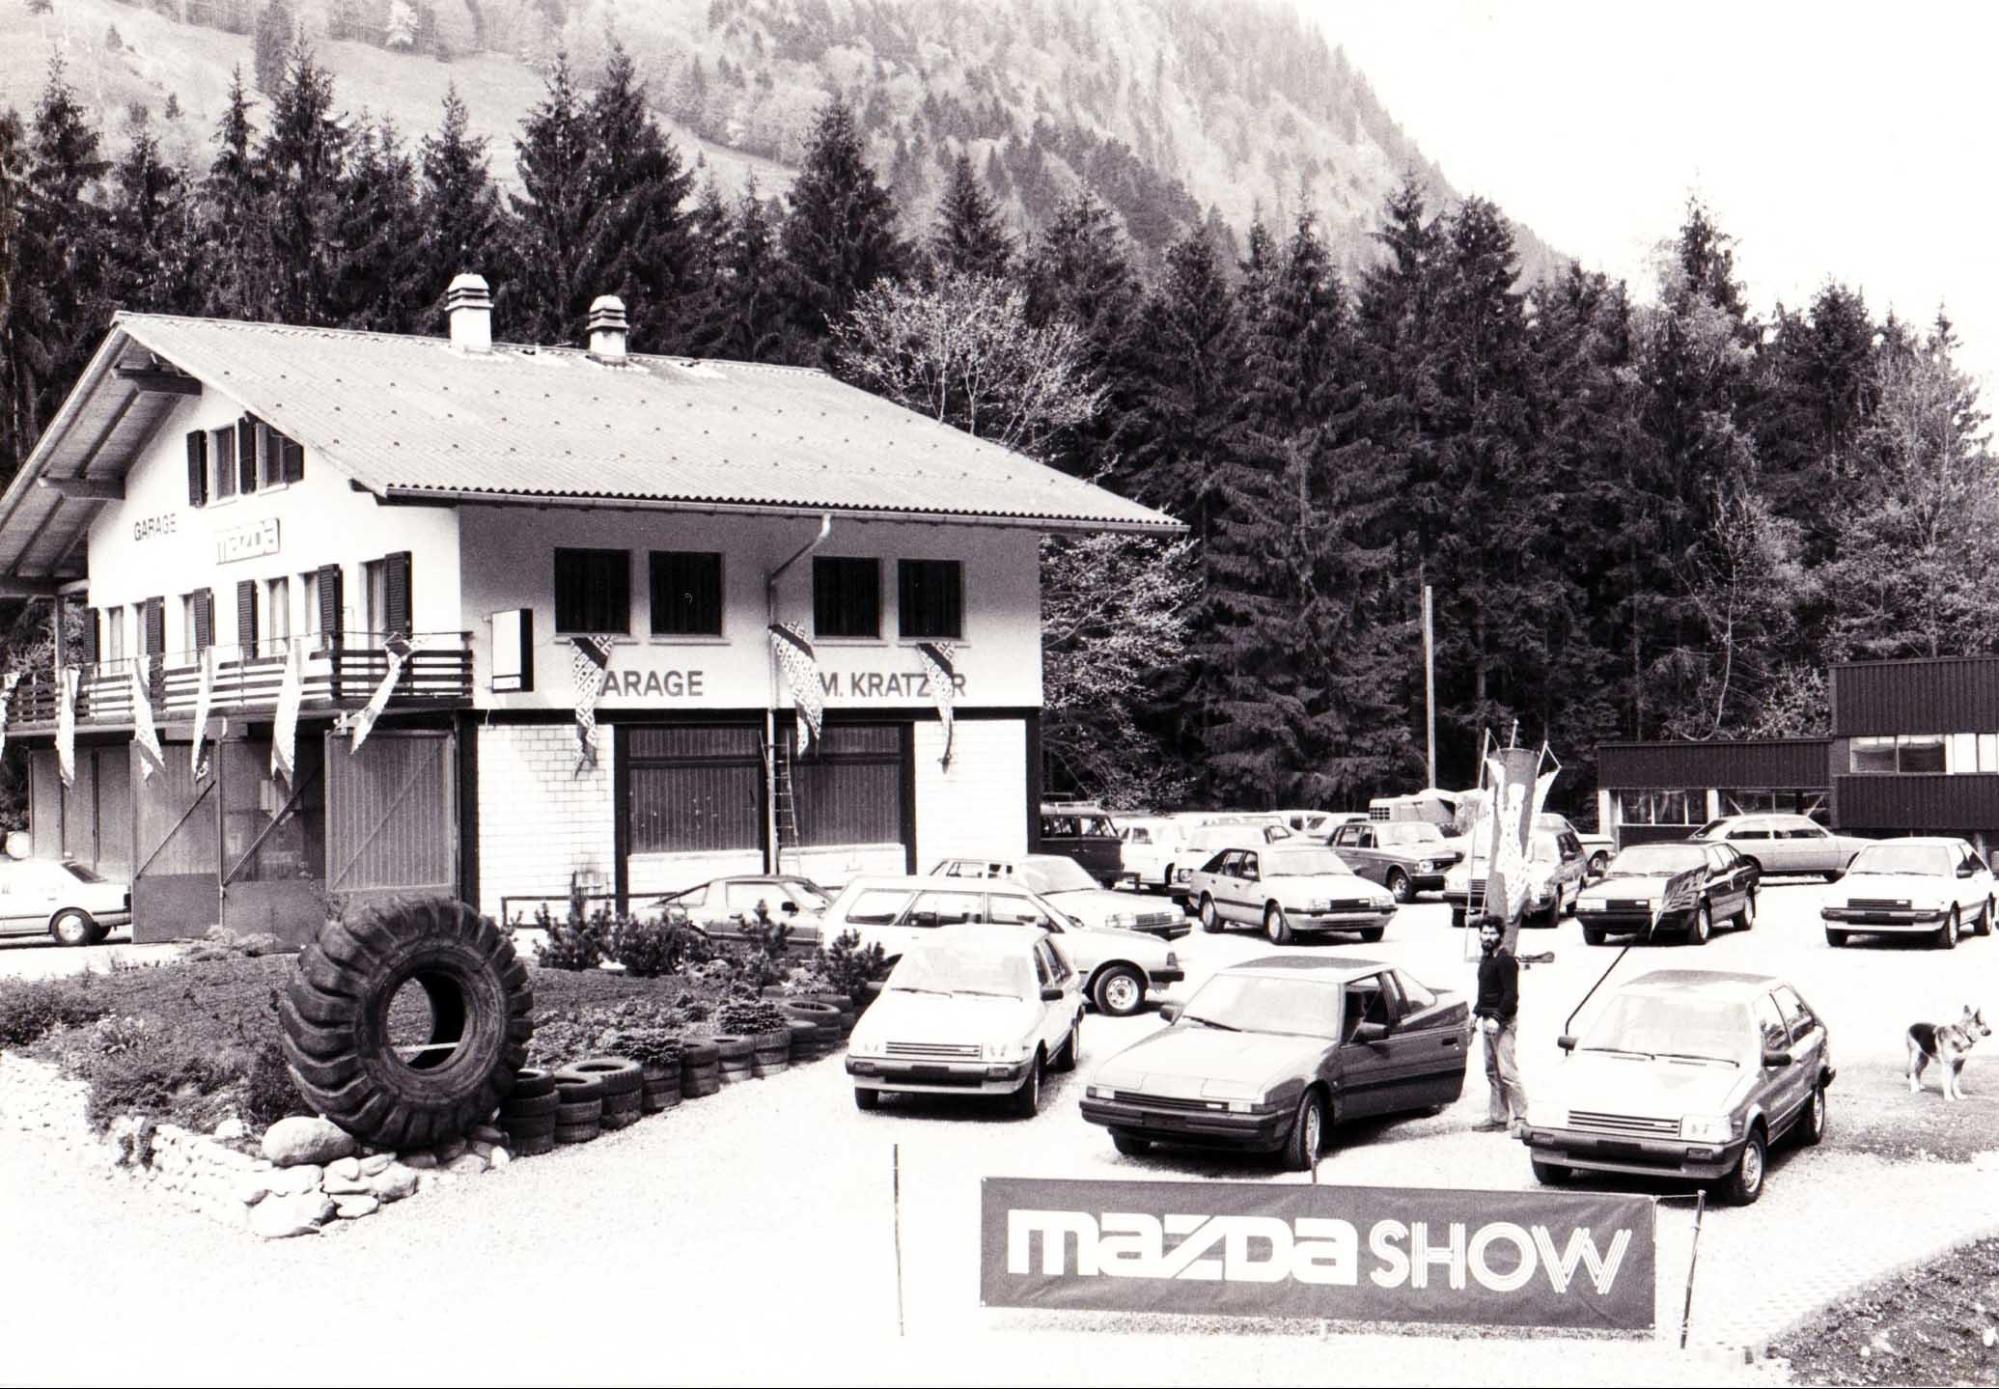 Garage und Carrosserie M. Kratzer AG 1977